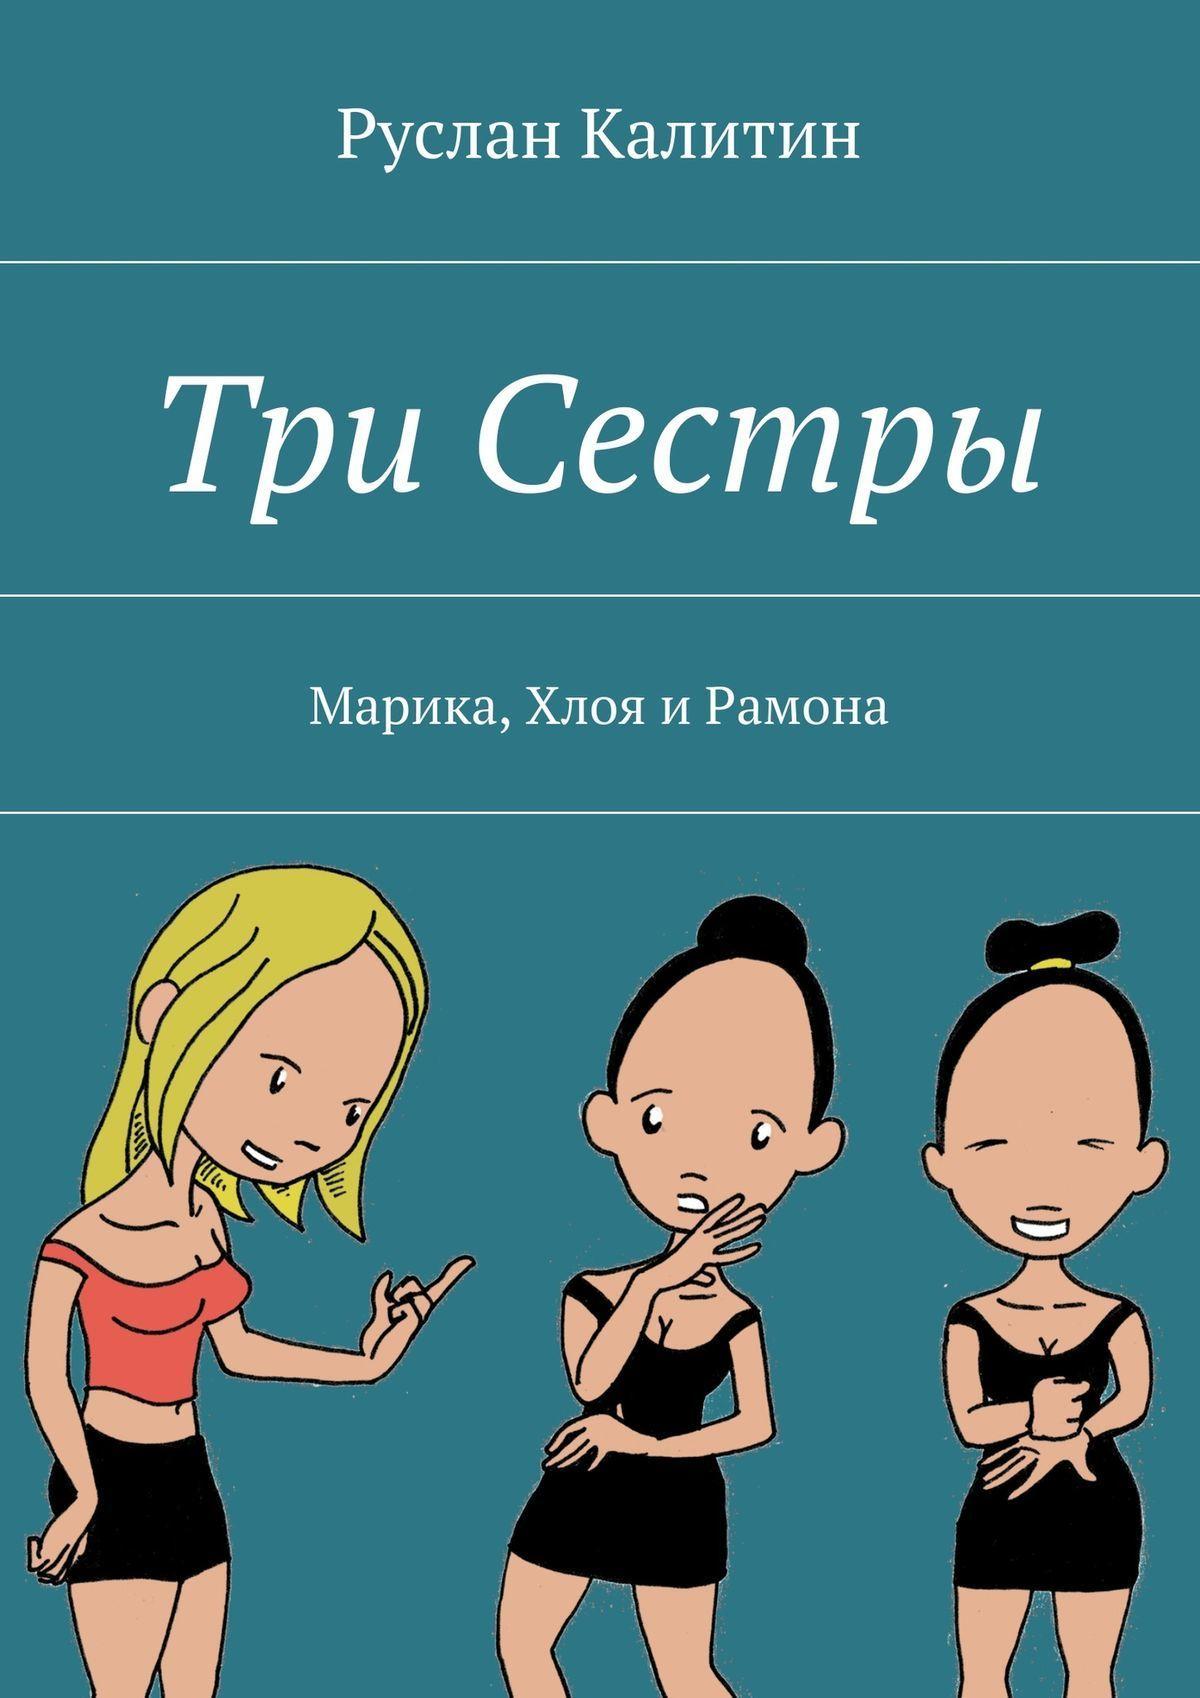 Руслан Калитин Три Сестры. Марика, Хлоя иРамона ISBN: 9785448542541 три сестры с